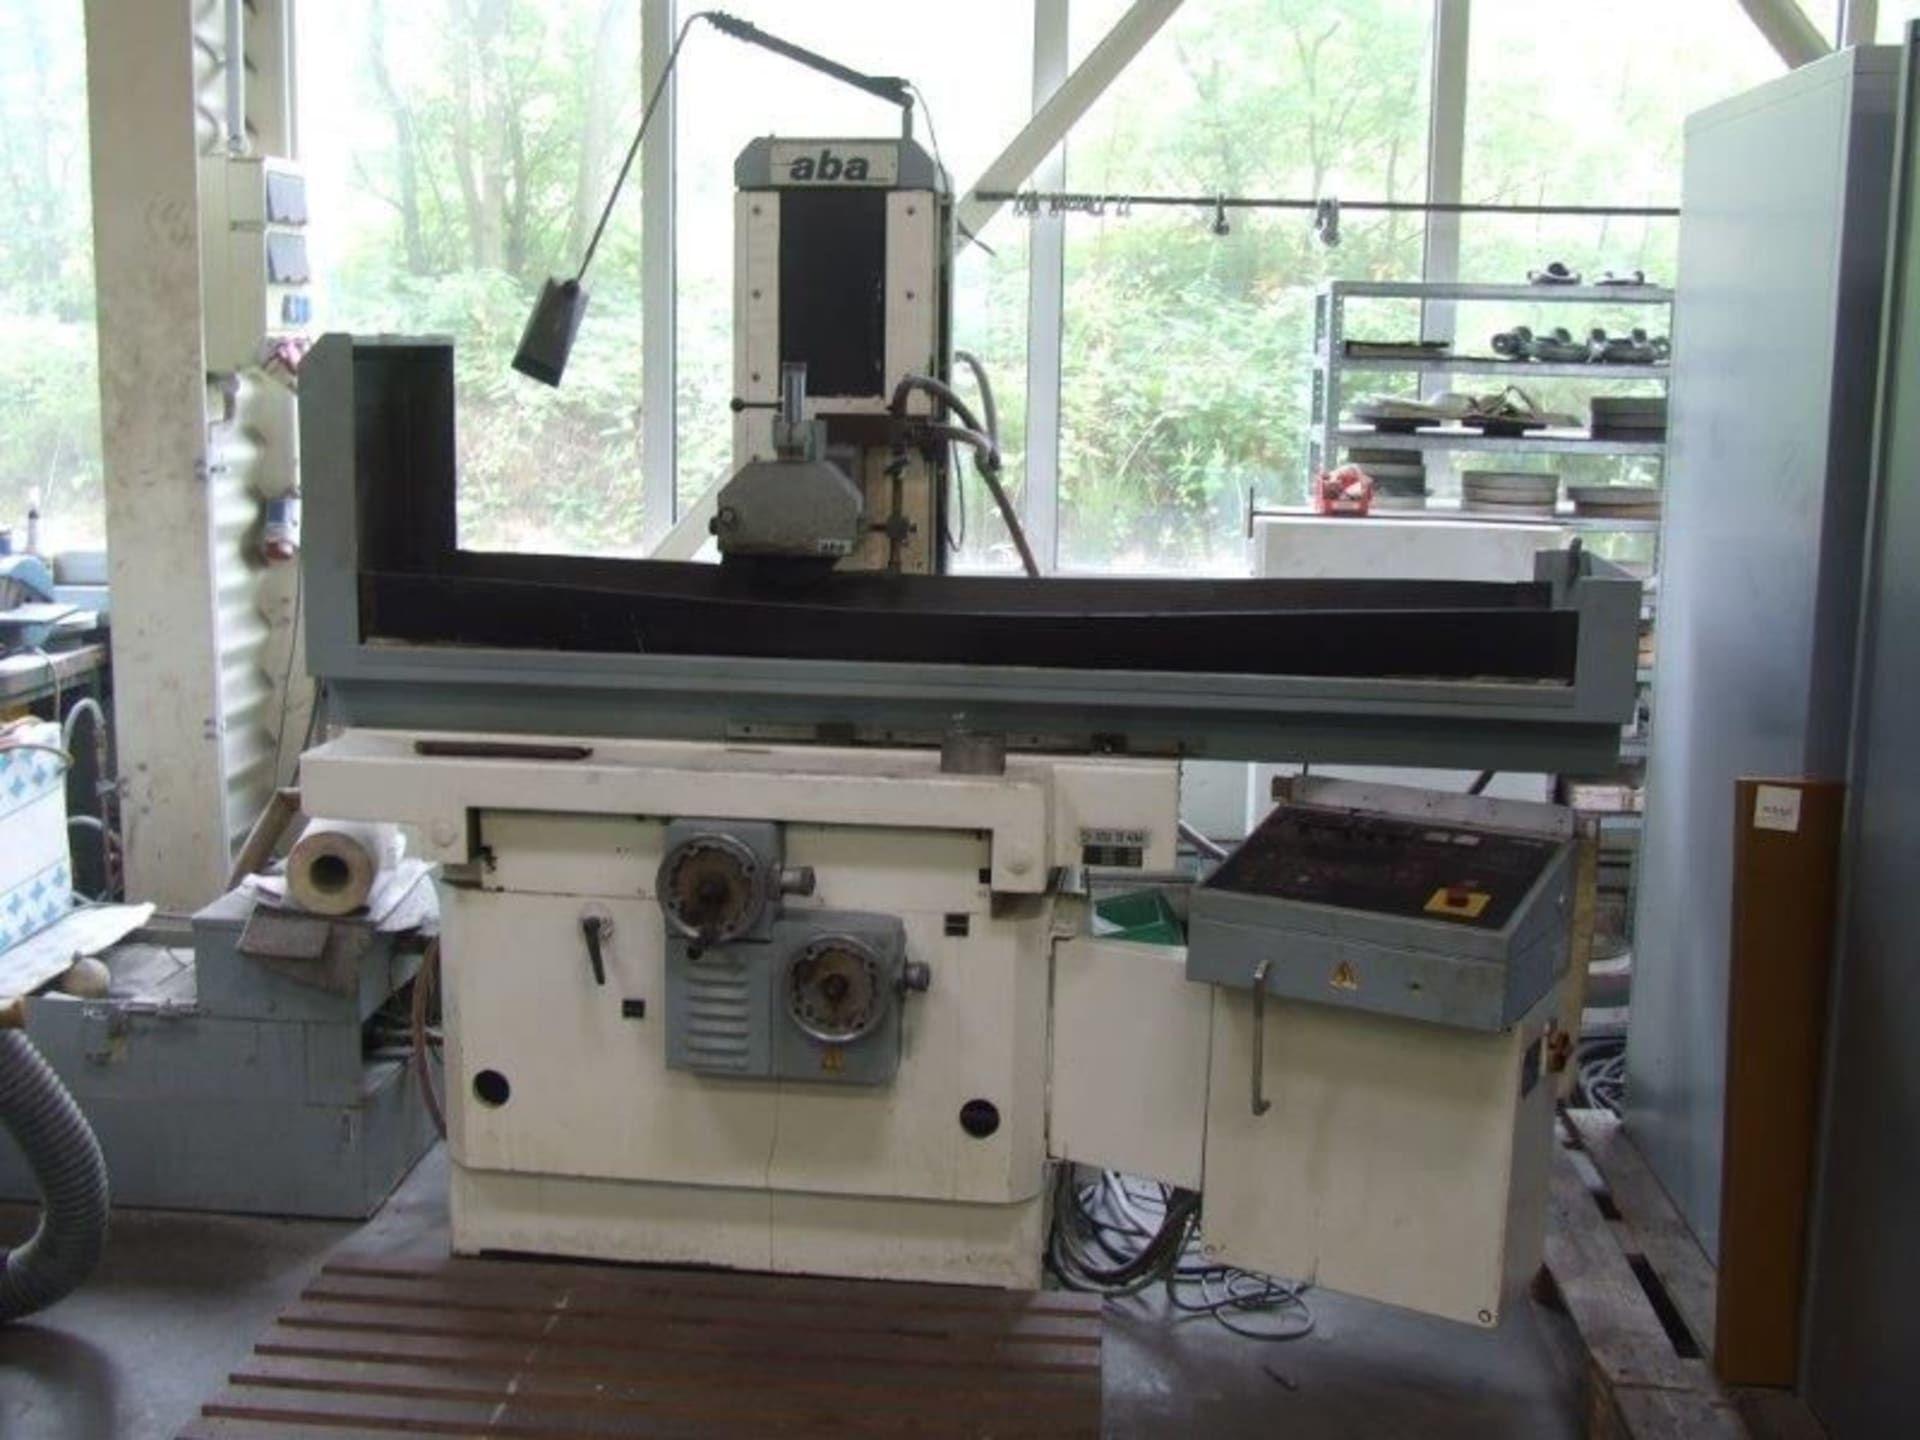 ABA FP-N-60/30 Flachschleifmaschine